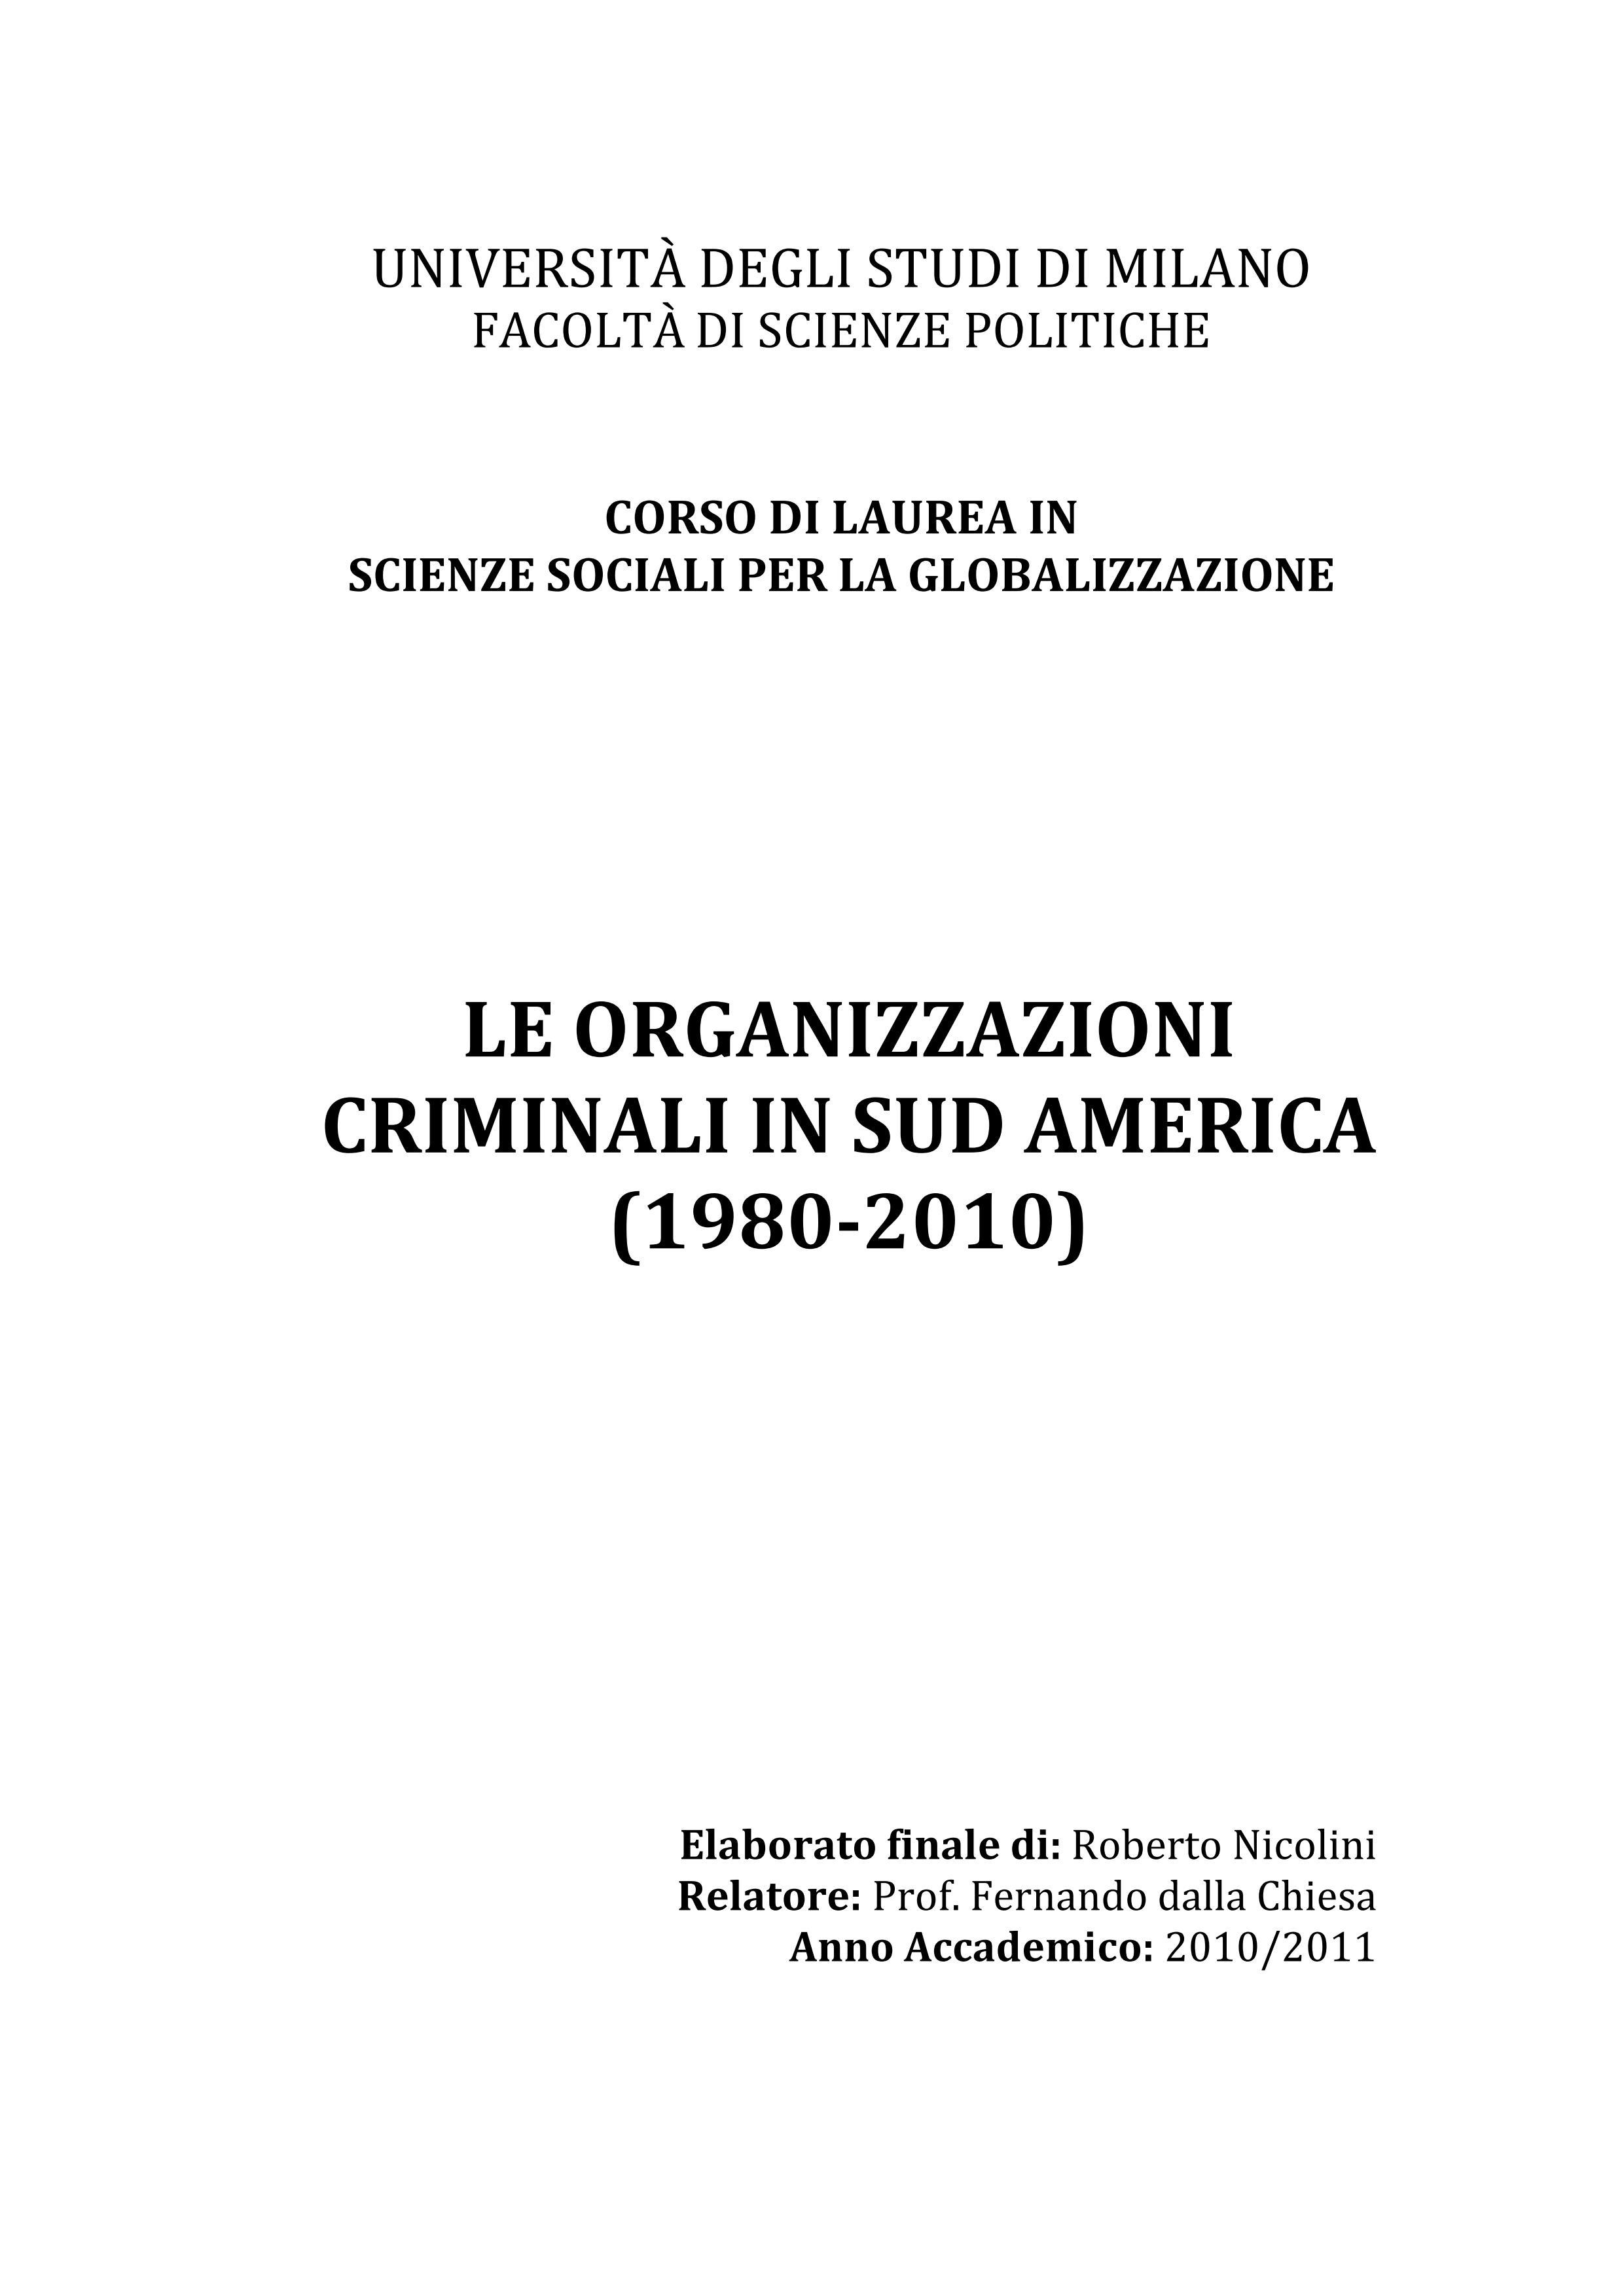 Le organizzazioni criminali in Sud America (1980-2010)_01